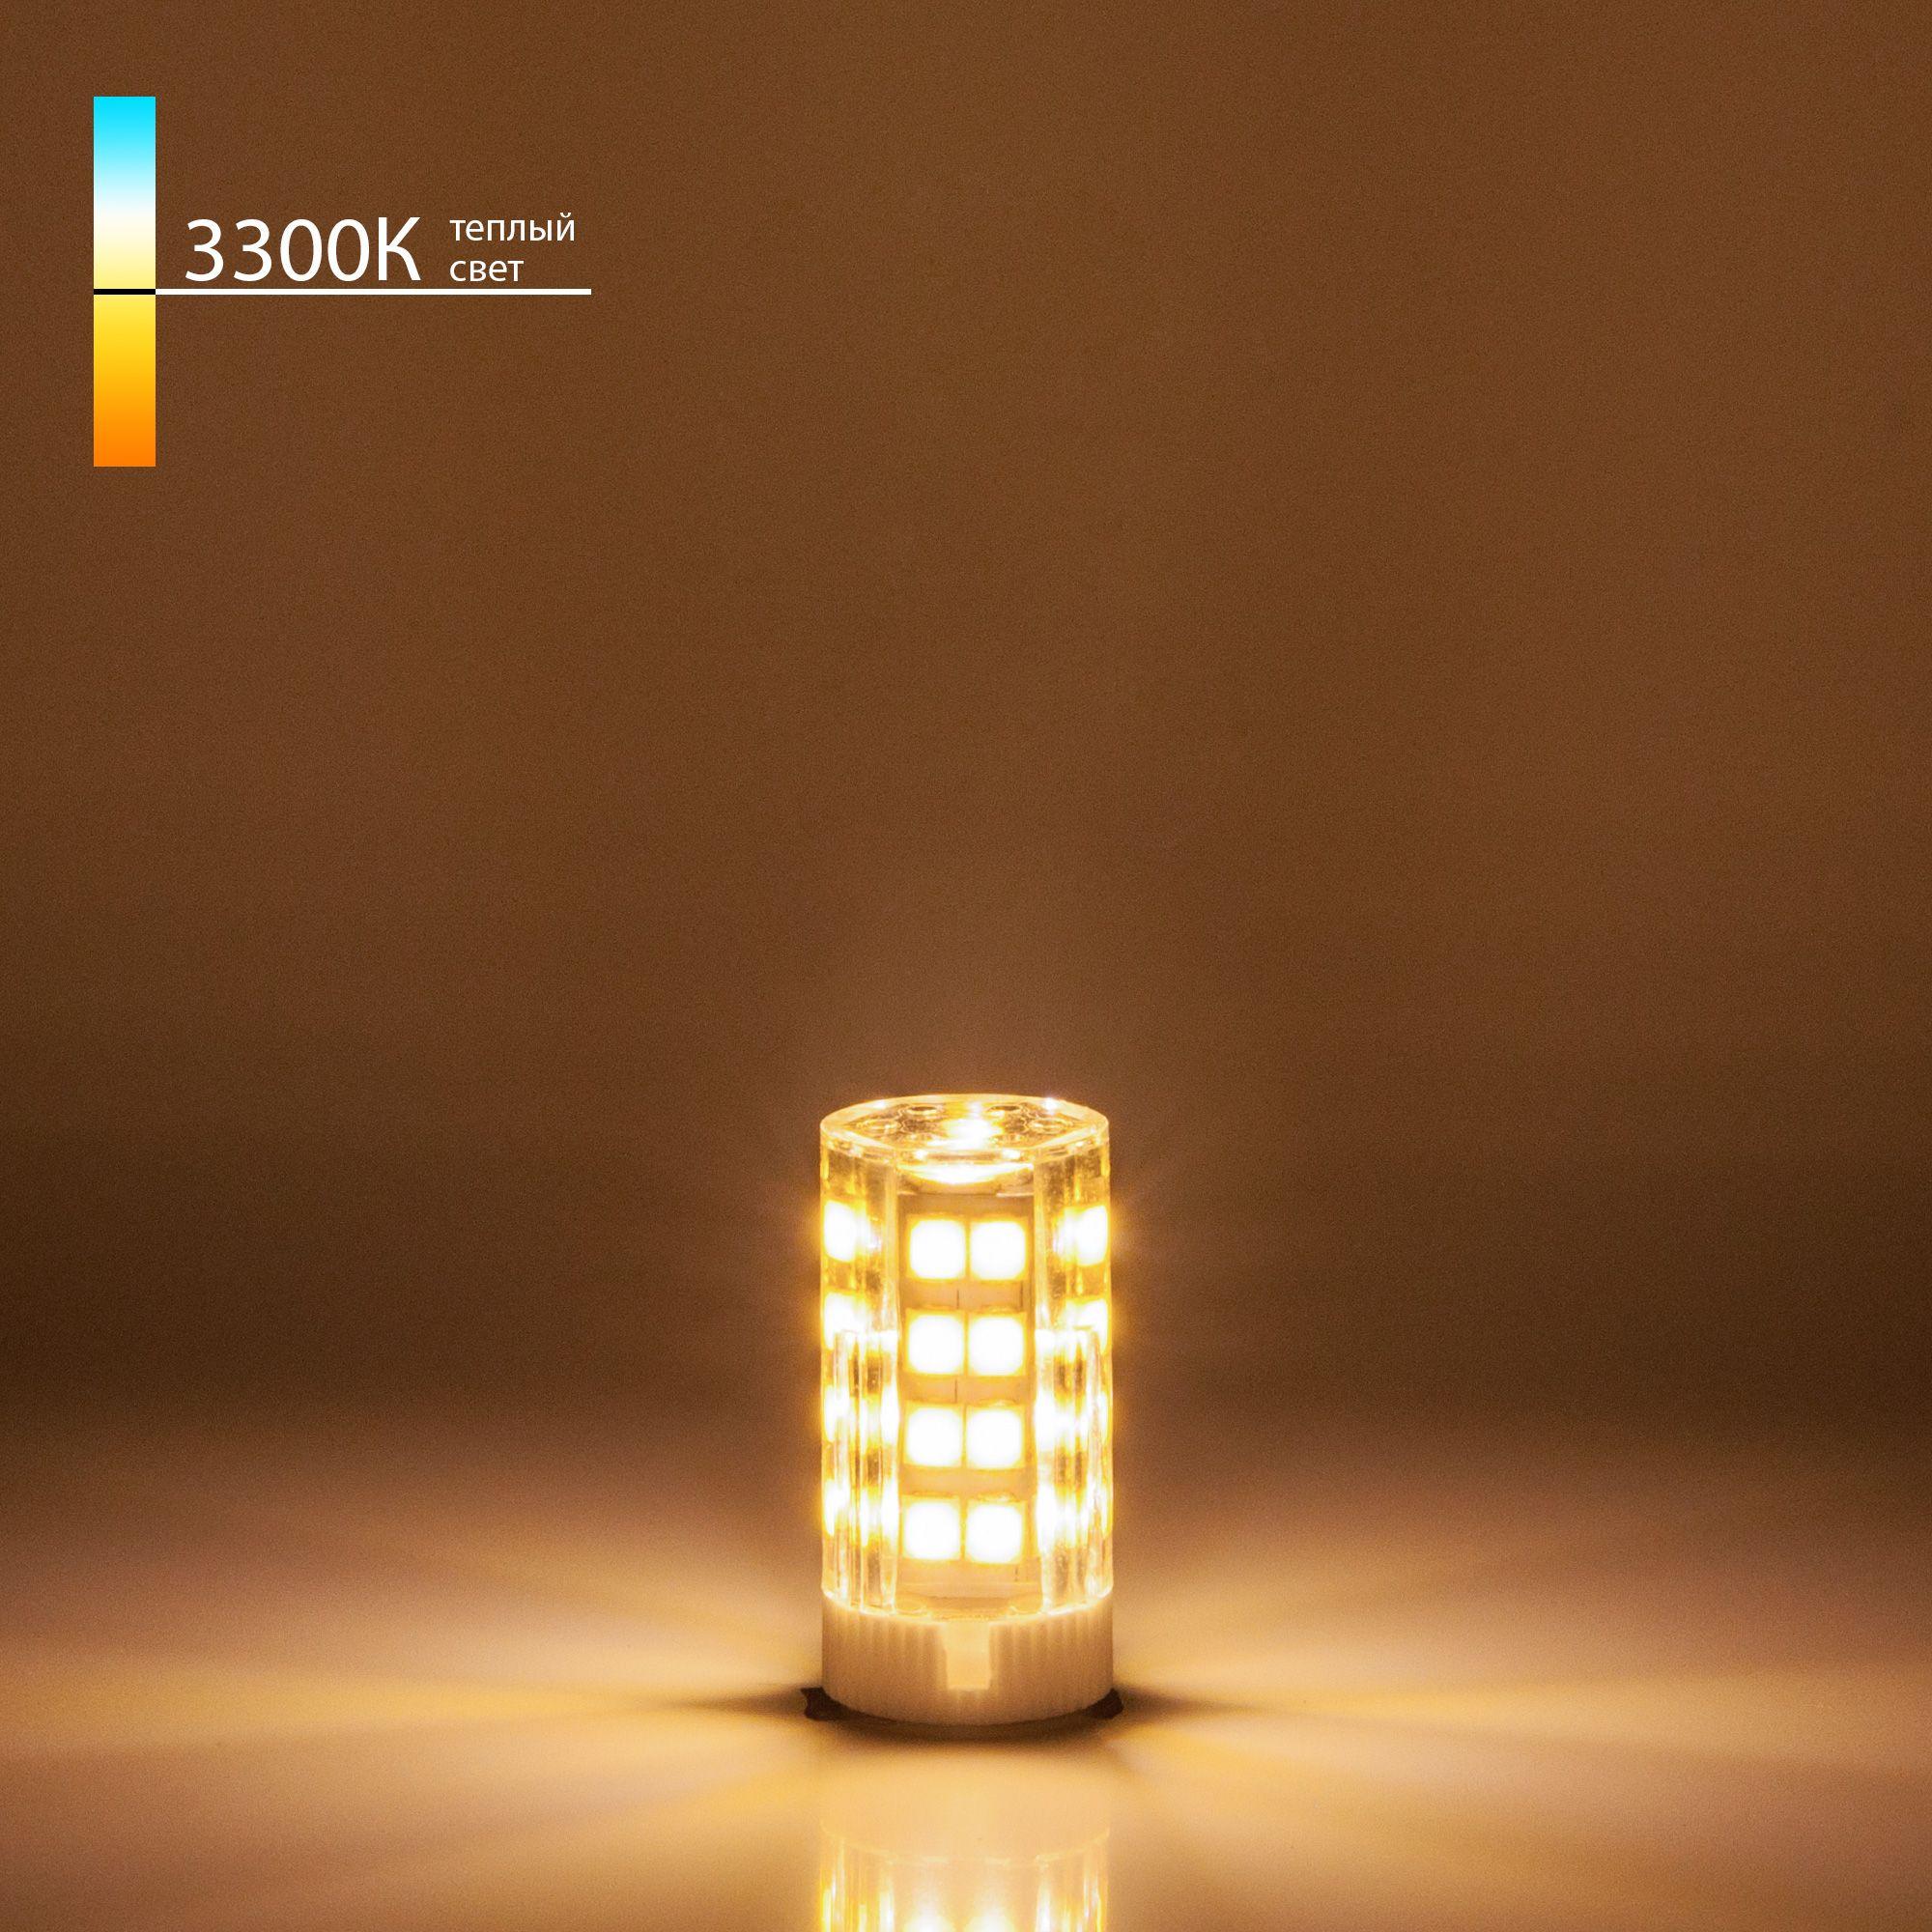 Светодиодная лампа G9 LED 7W 220V 3300K